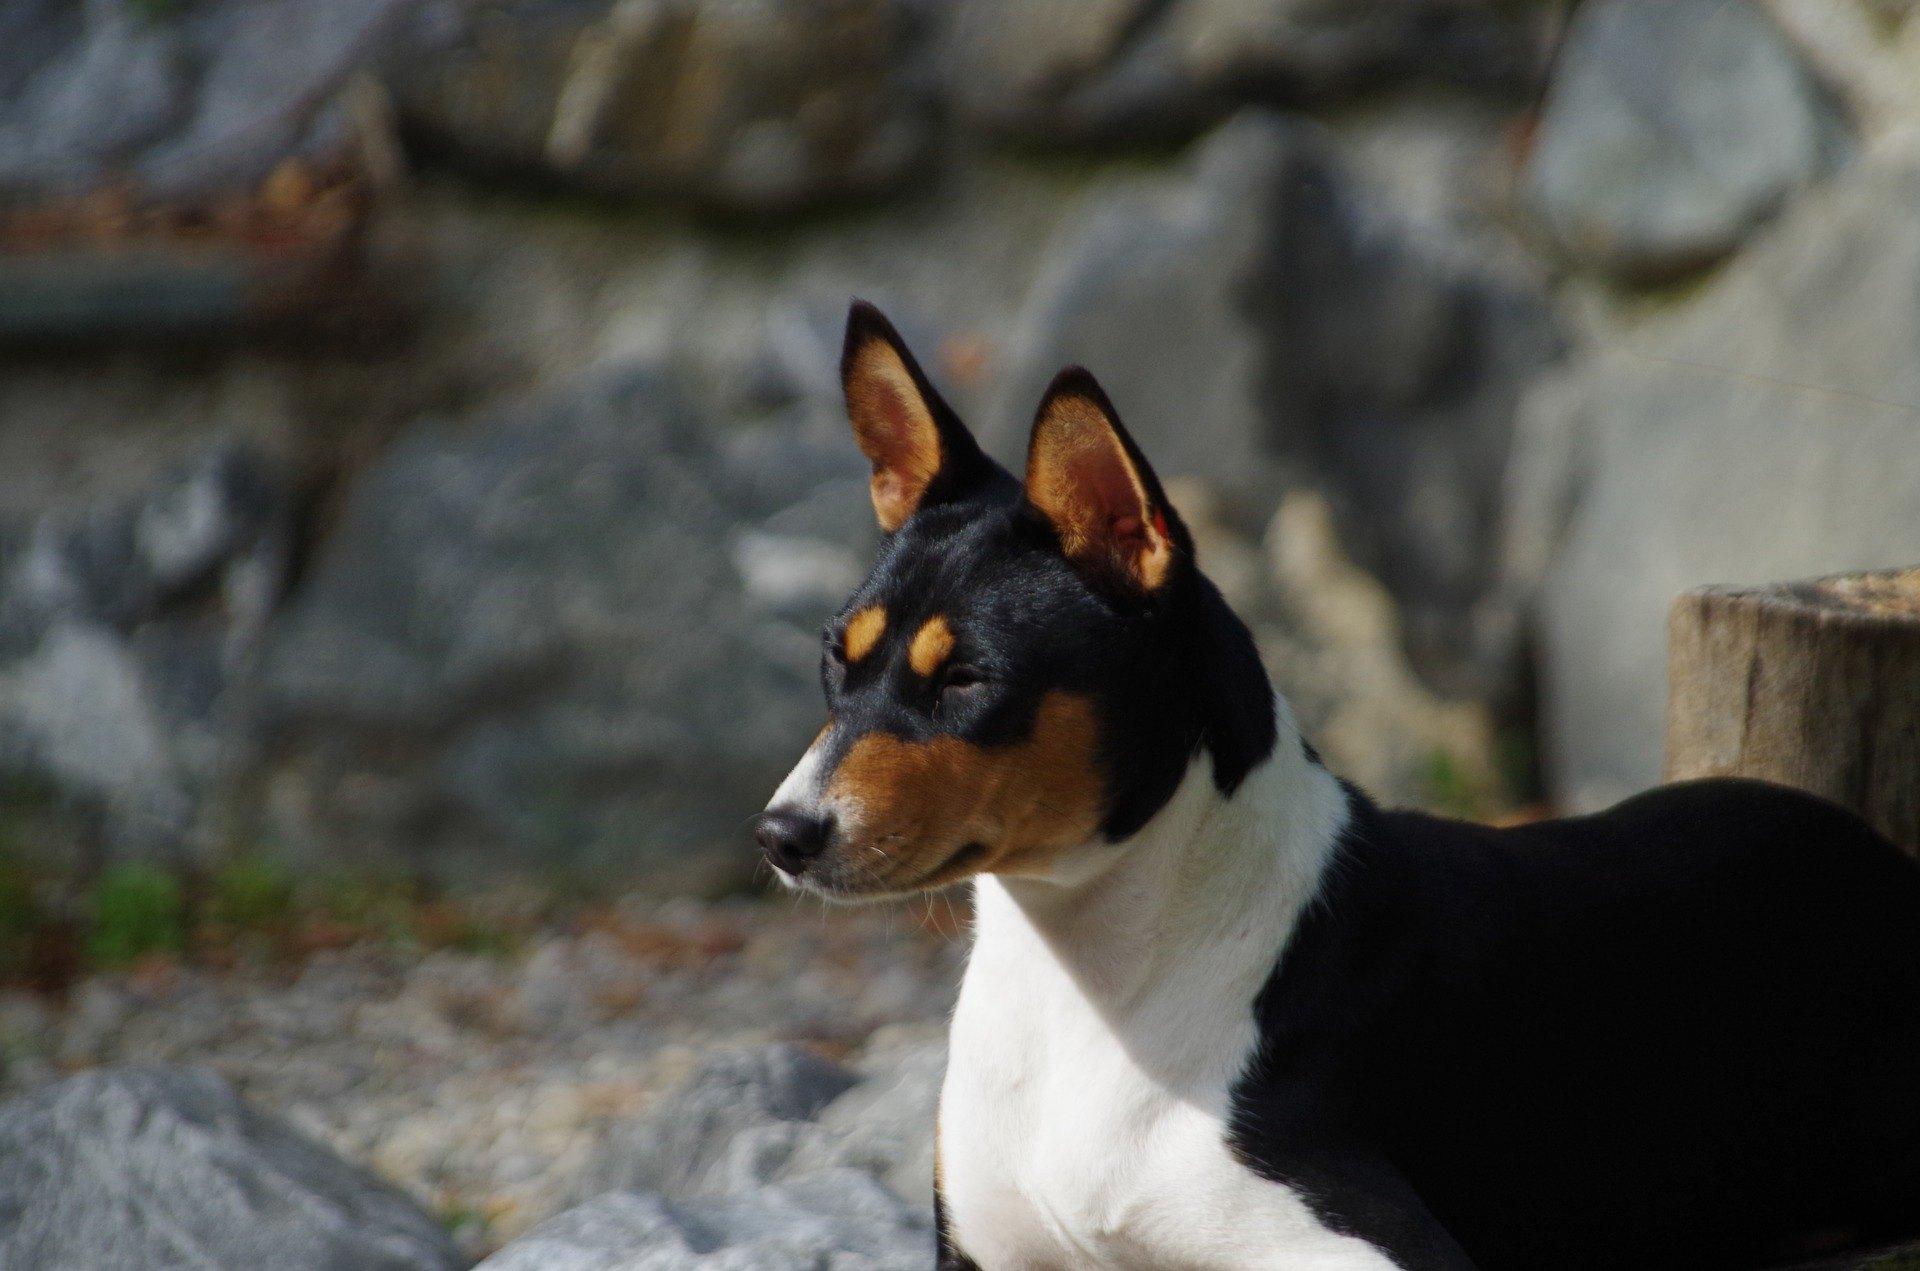 Basenji je pes původem z Afriky. Má vysoce vyvinutý lovecký instinkt. Je velmi citlivý a rád si hraje. Jakou péči vyžaduje toto plemeno?